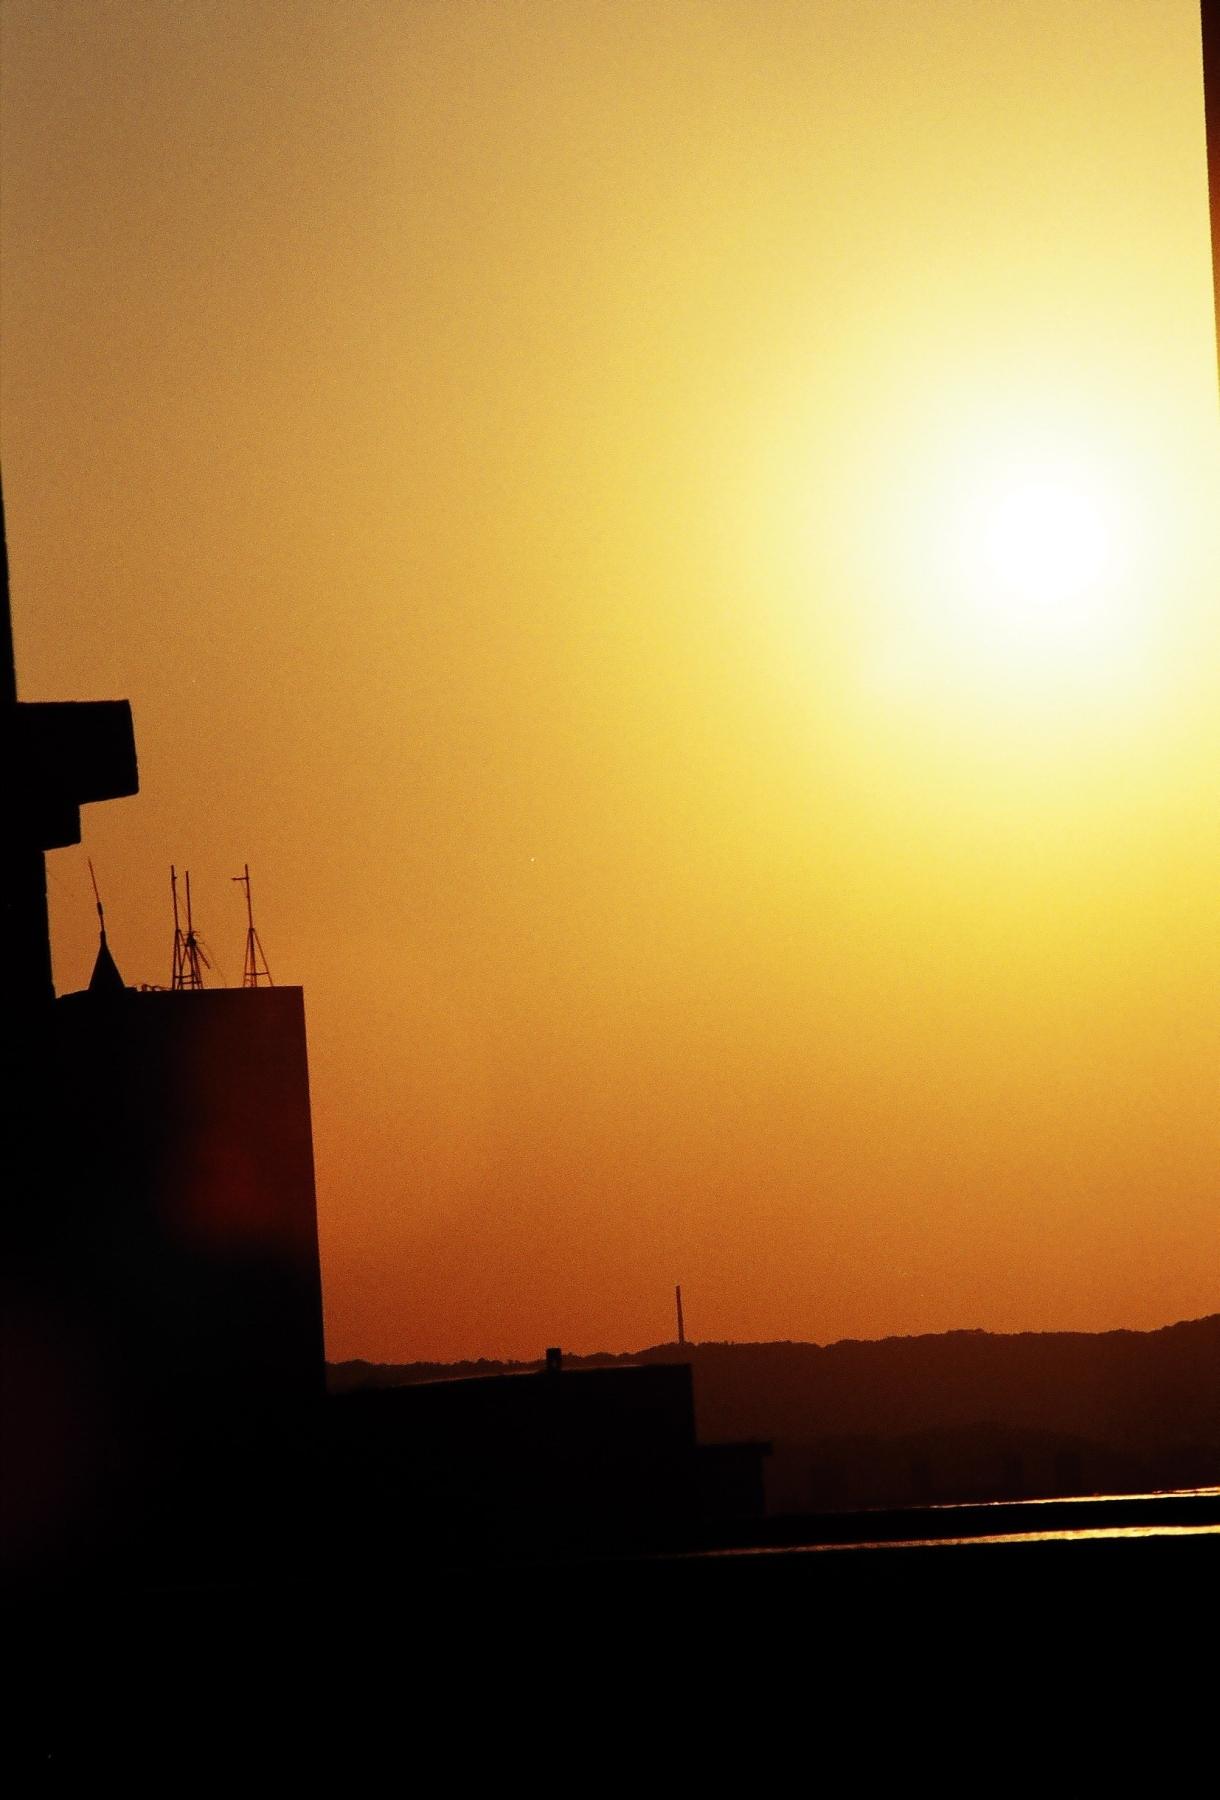 Orange sky photo